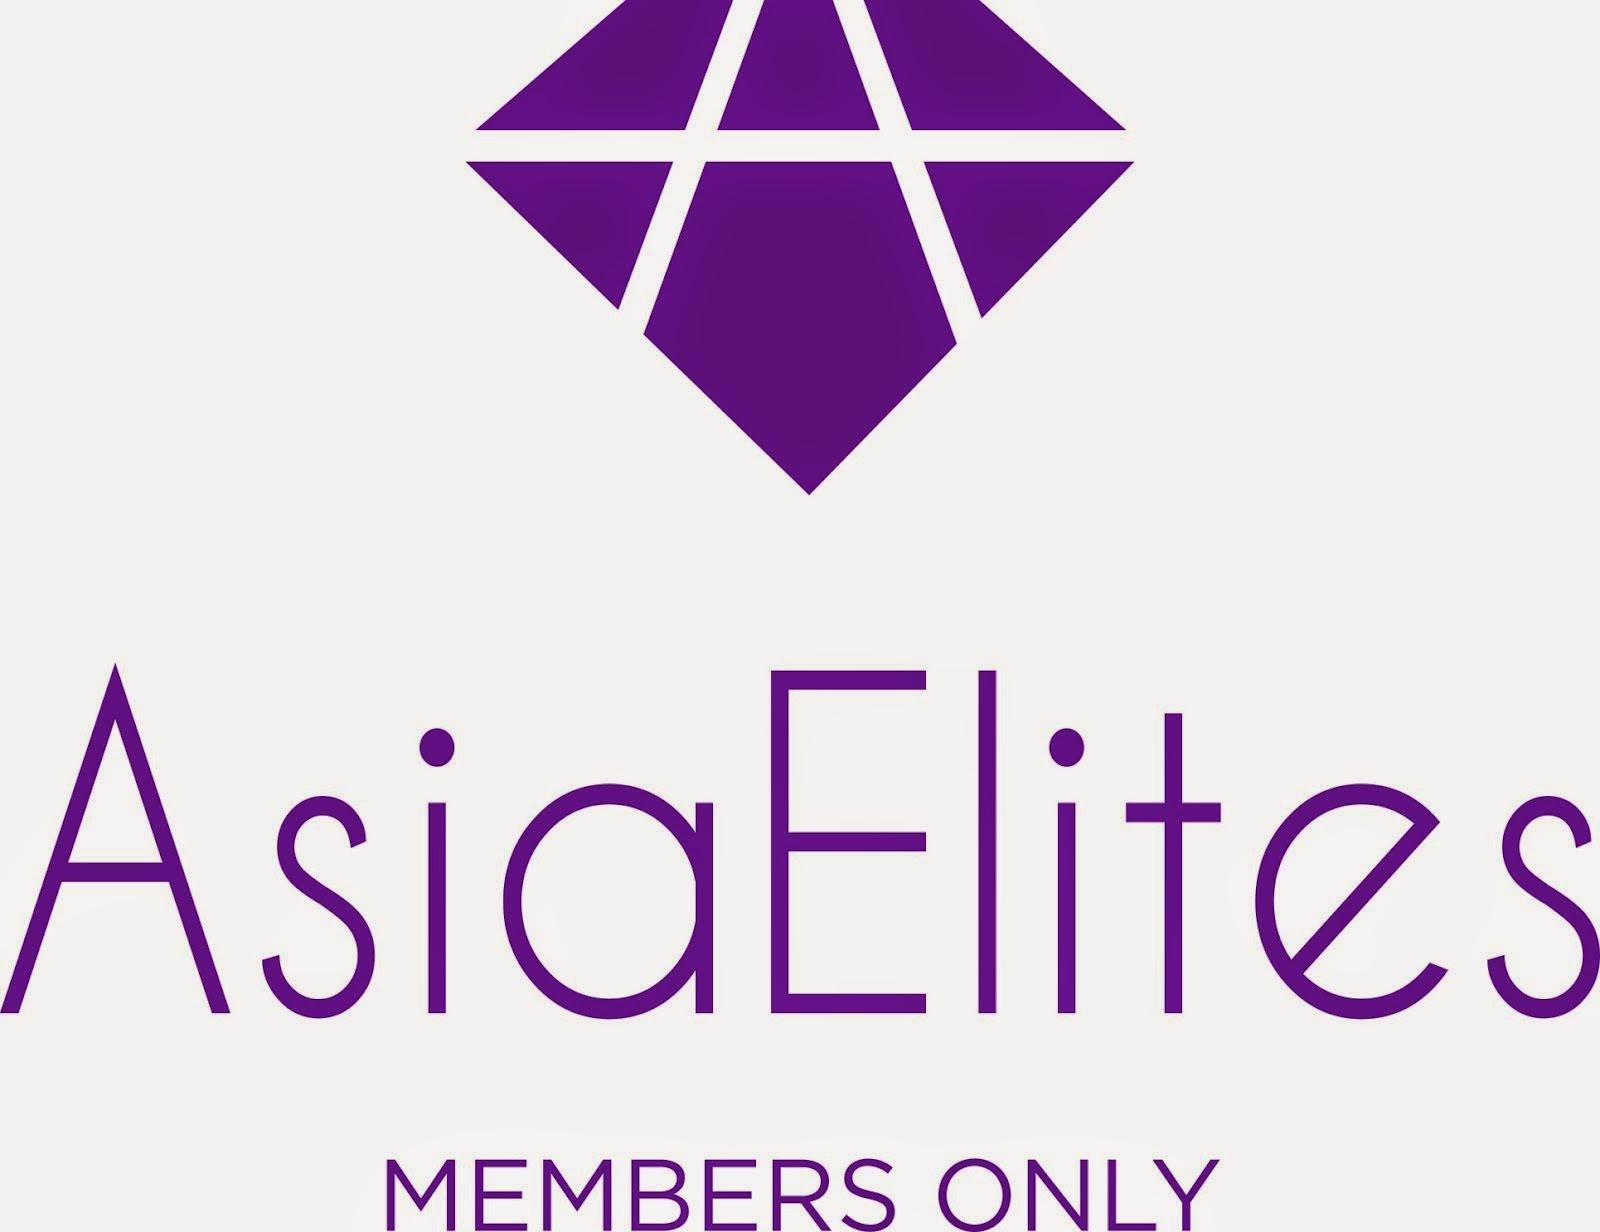 Asia Elites